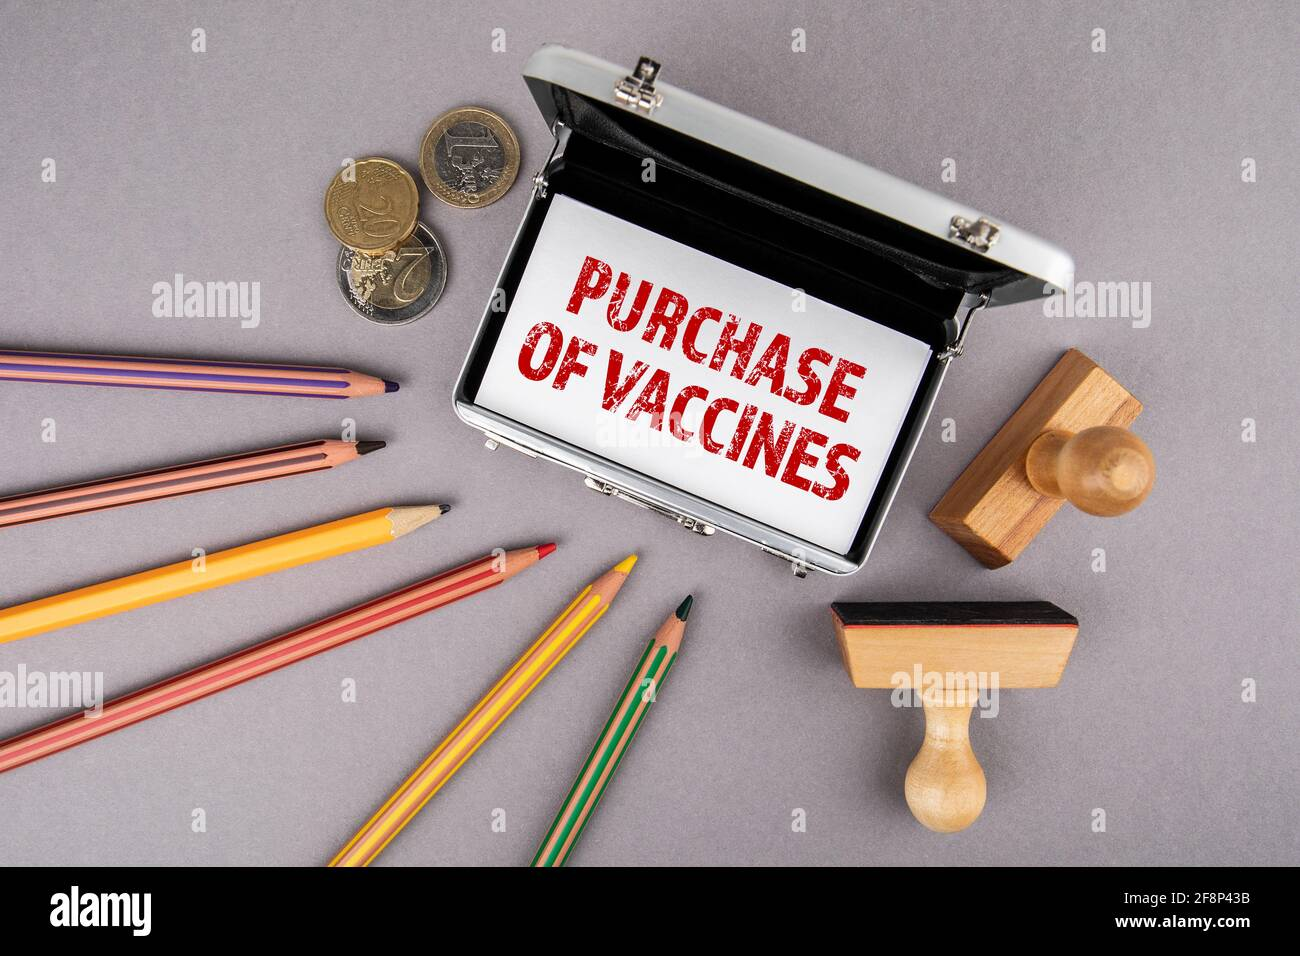 Compra de vacunas. Tarjetas de visita, lápices de colores y dinero en euros en un escritorio de oficina gris. Foto de stock